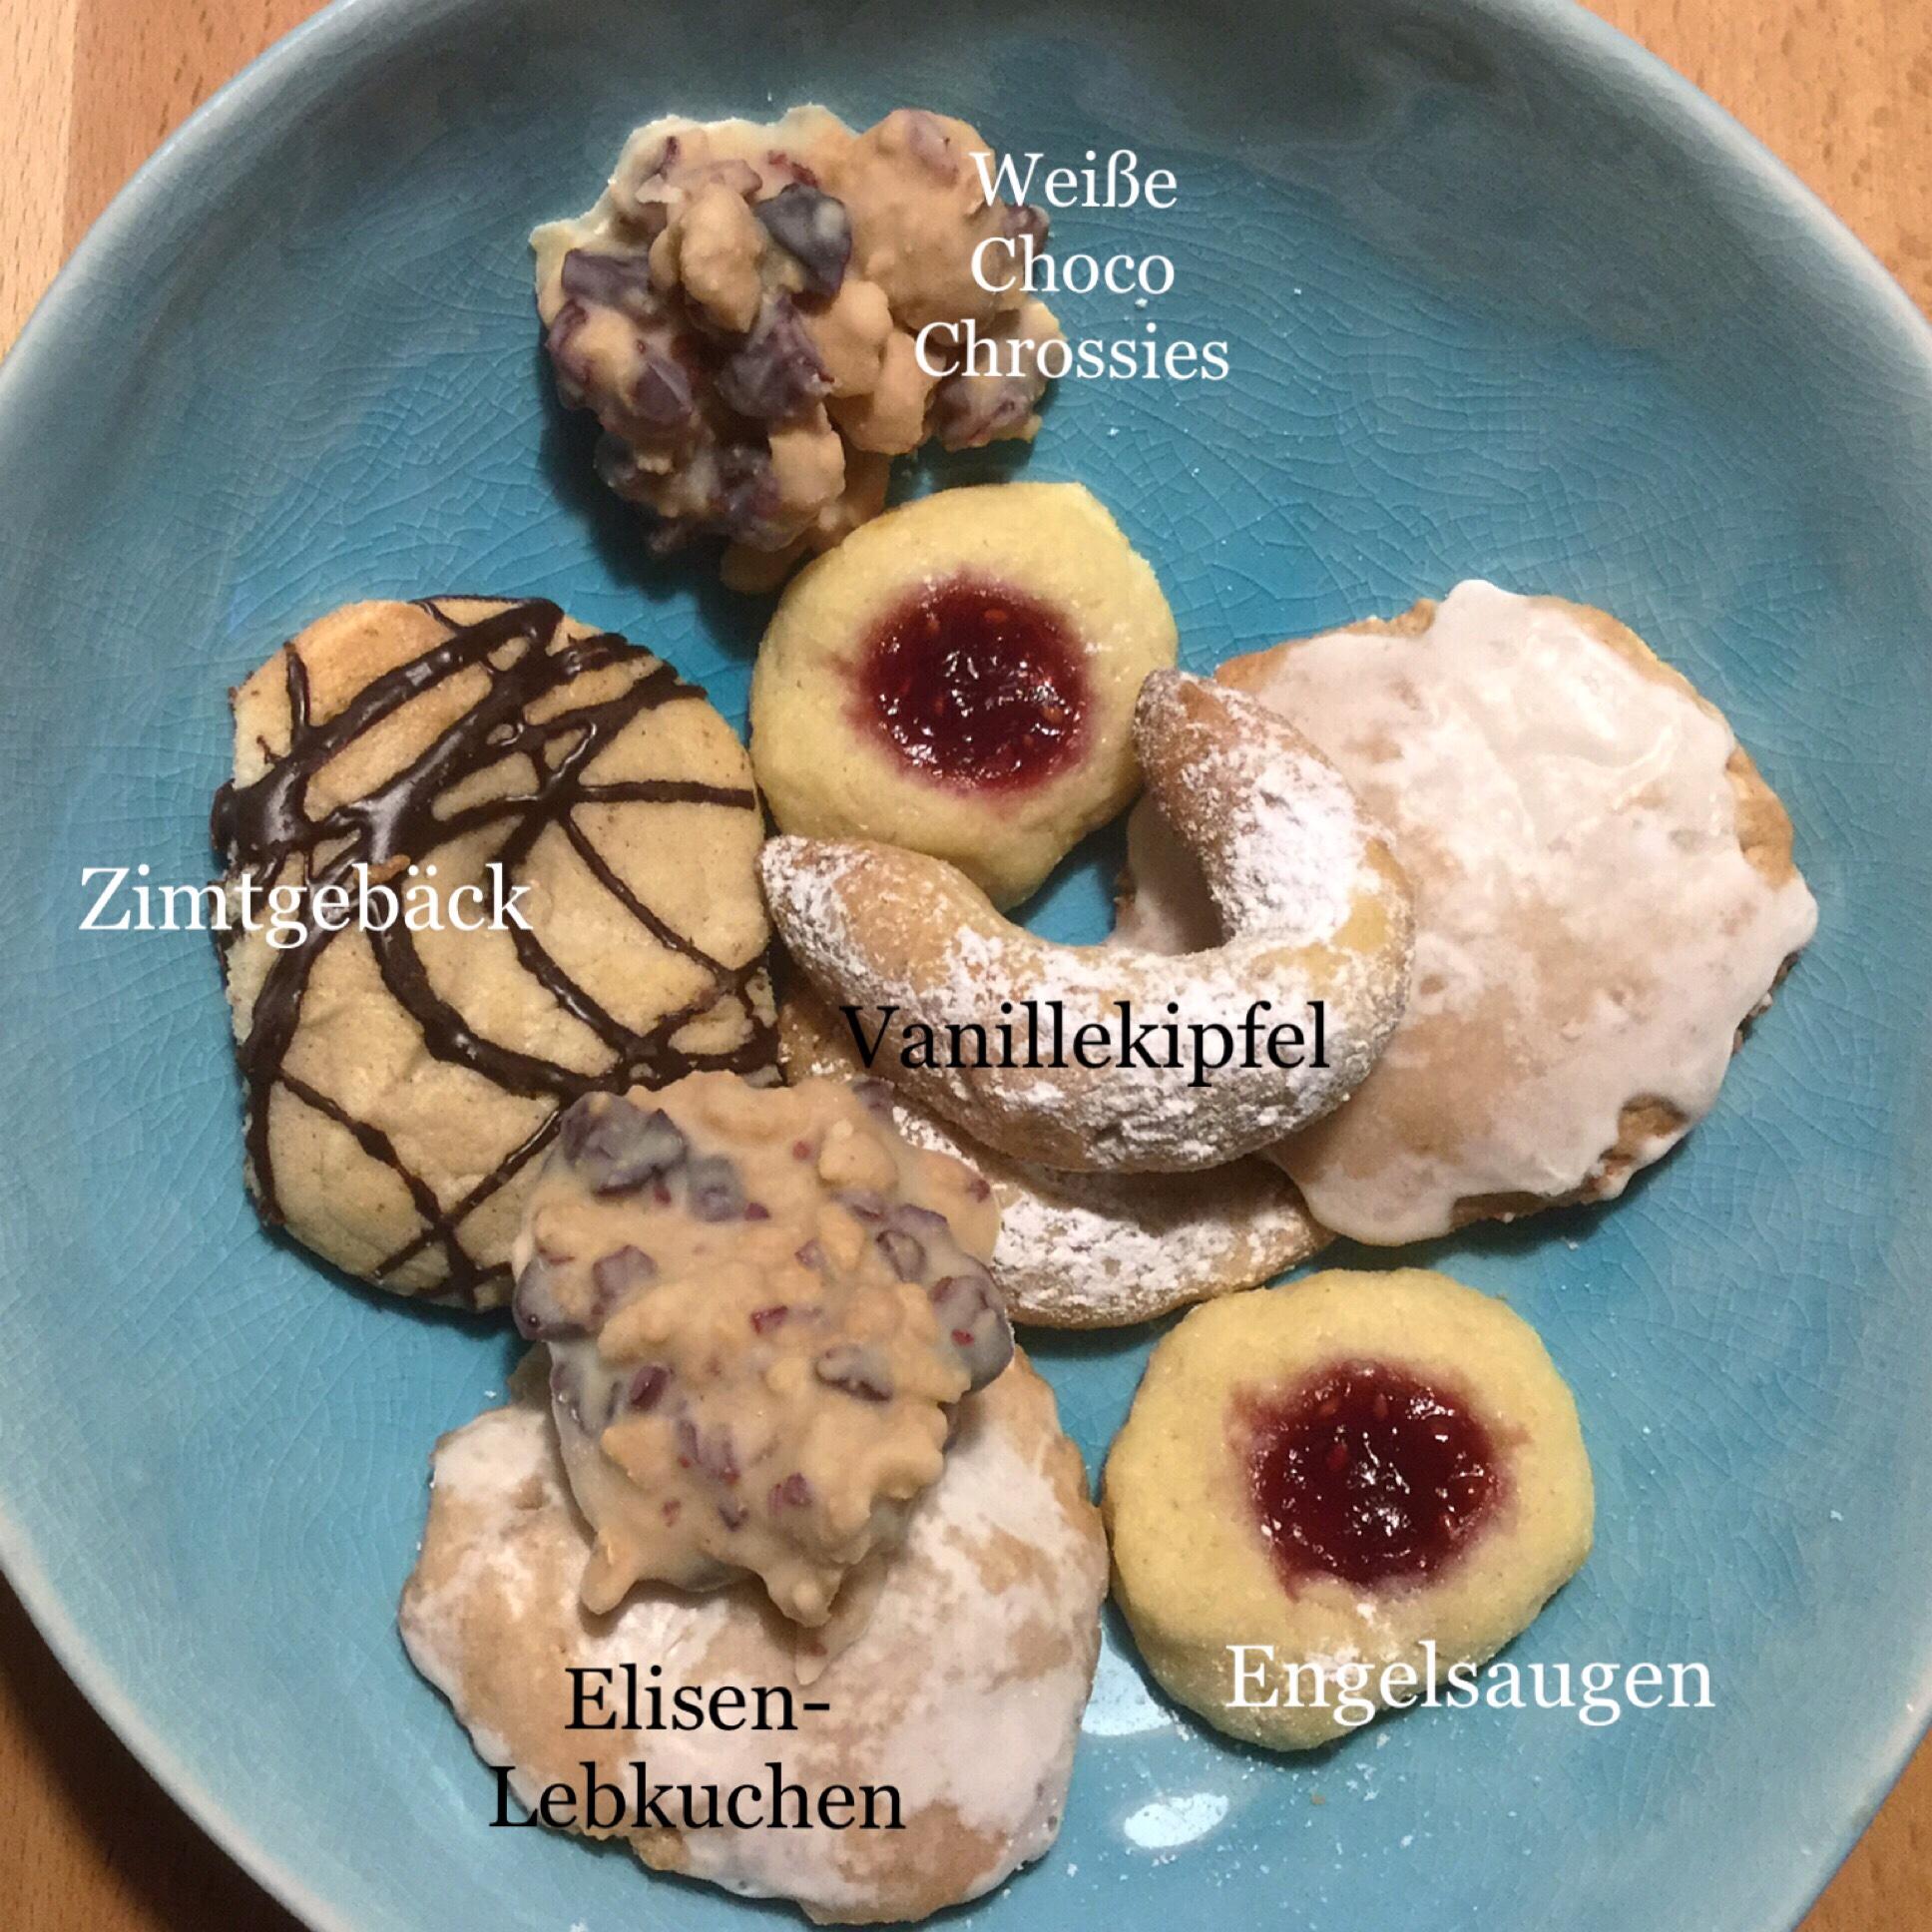 #Sonntagsglück – oder – In der Weihnachtsbäckerei